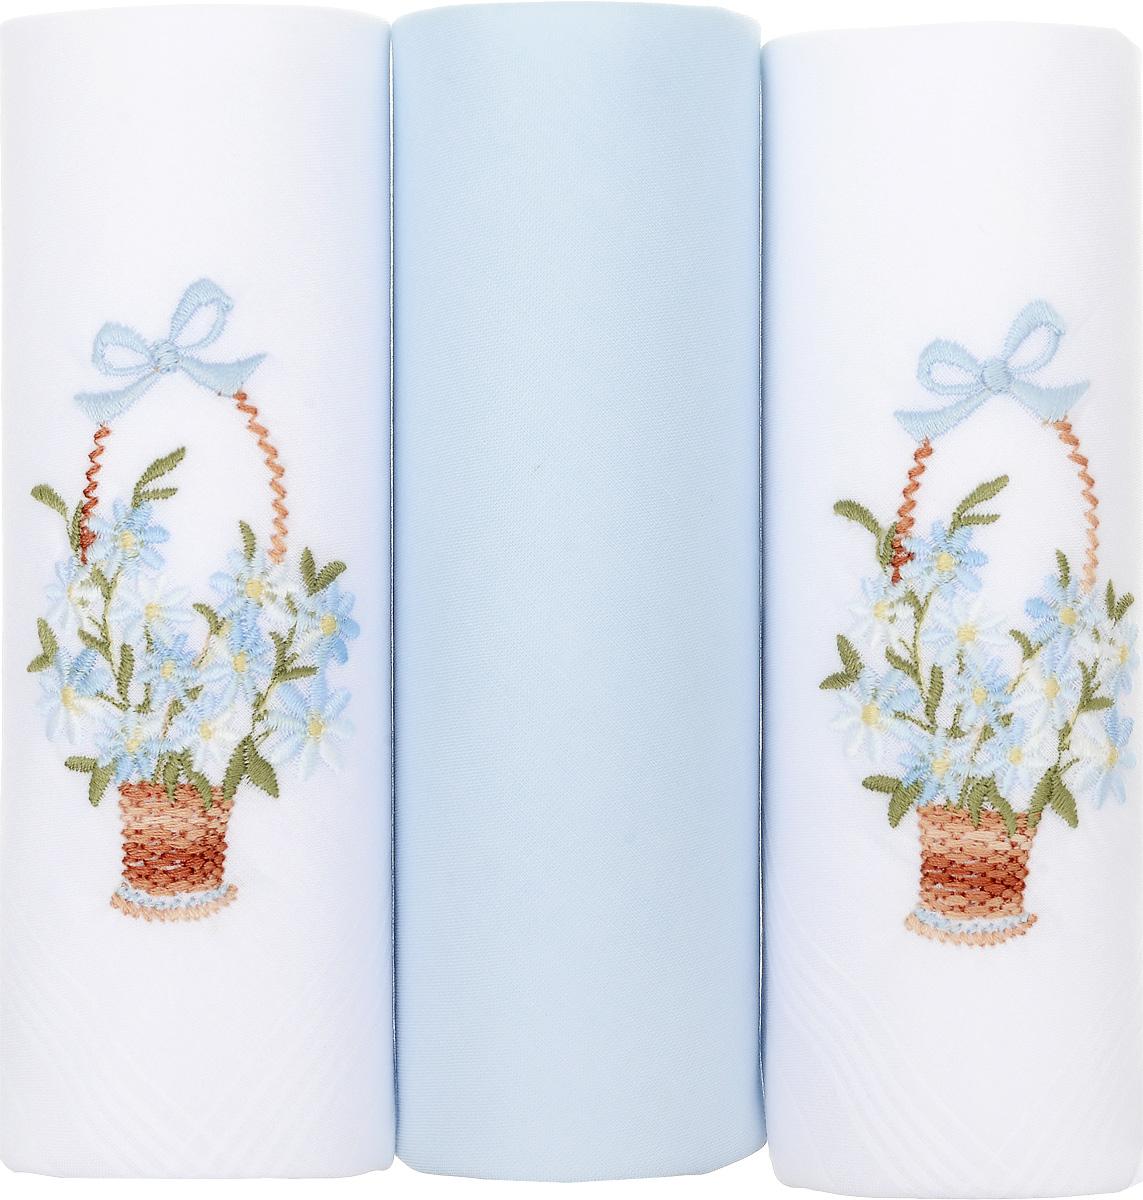 Платок носовой женский Zlata Korunka, цвет: белый, голубой, 3 шт. 25605-17. Размер 29 см х 29 см25605-17Небольшой женский носовой платок Zlata Korunka изготовлен из высококачественного натурального хлопка, благодаря чему приятен в использовании, хорошо стирается, не садится и отлично впитывает влагу. Практичный и изящный носовой платок будет незаменим в повседневной жизни любого современного человека. Такой платок послужит стильным аксессуаром и подчеркнет ваше превосходное чувство вкуса. В комплекте 3 платка.